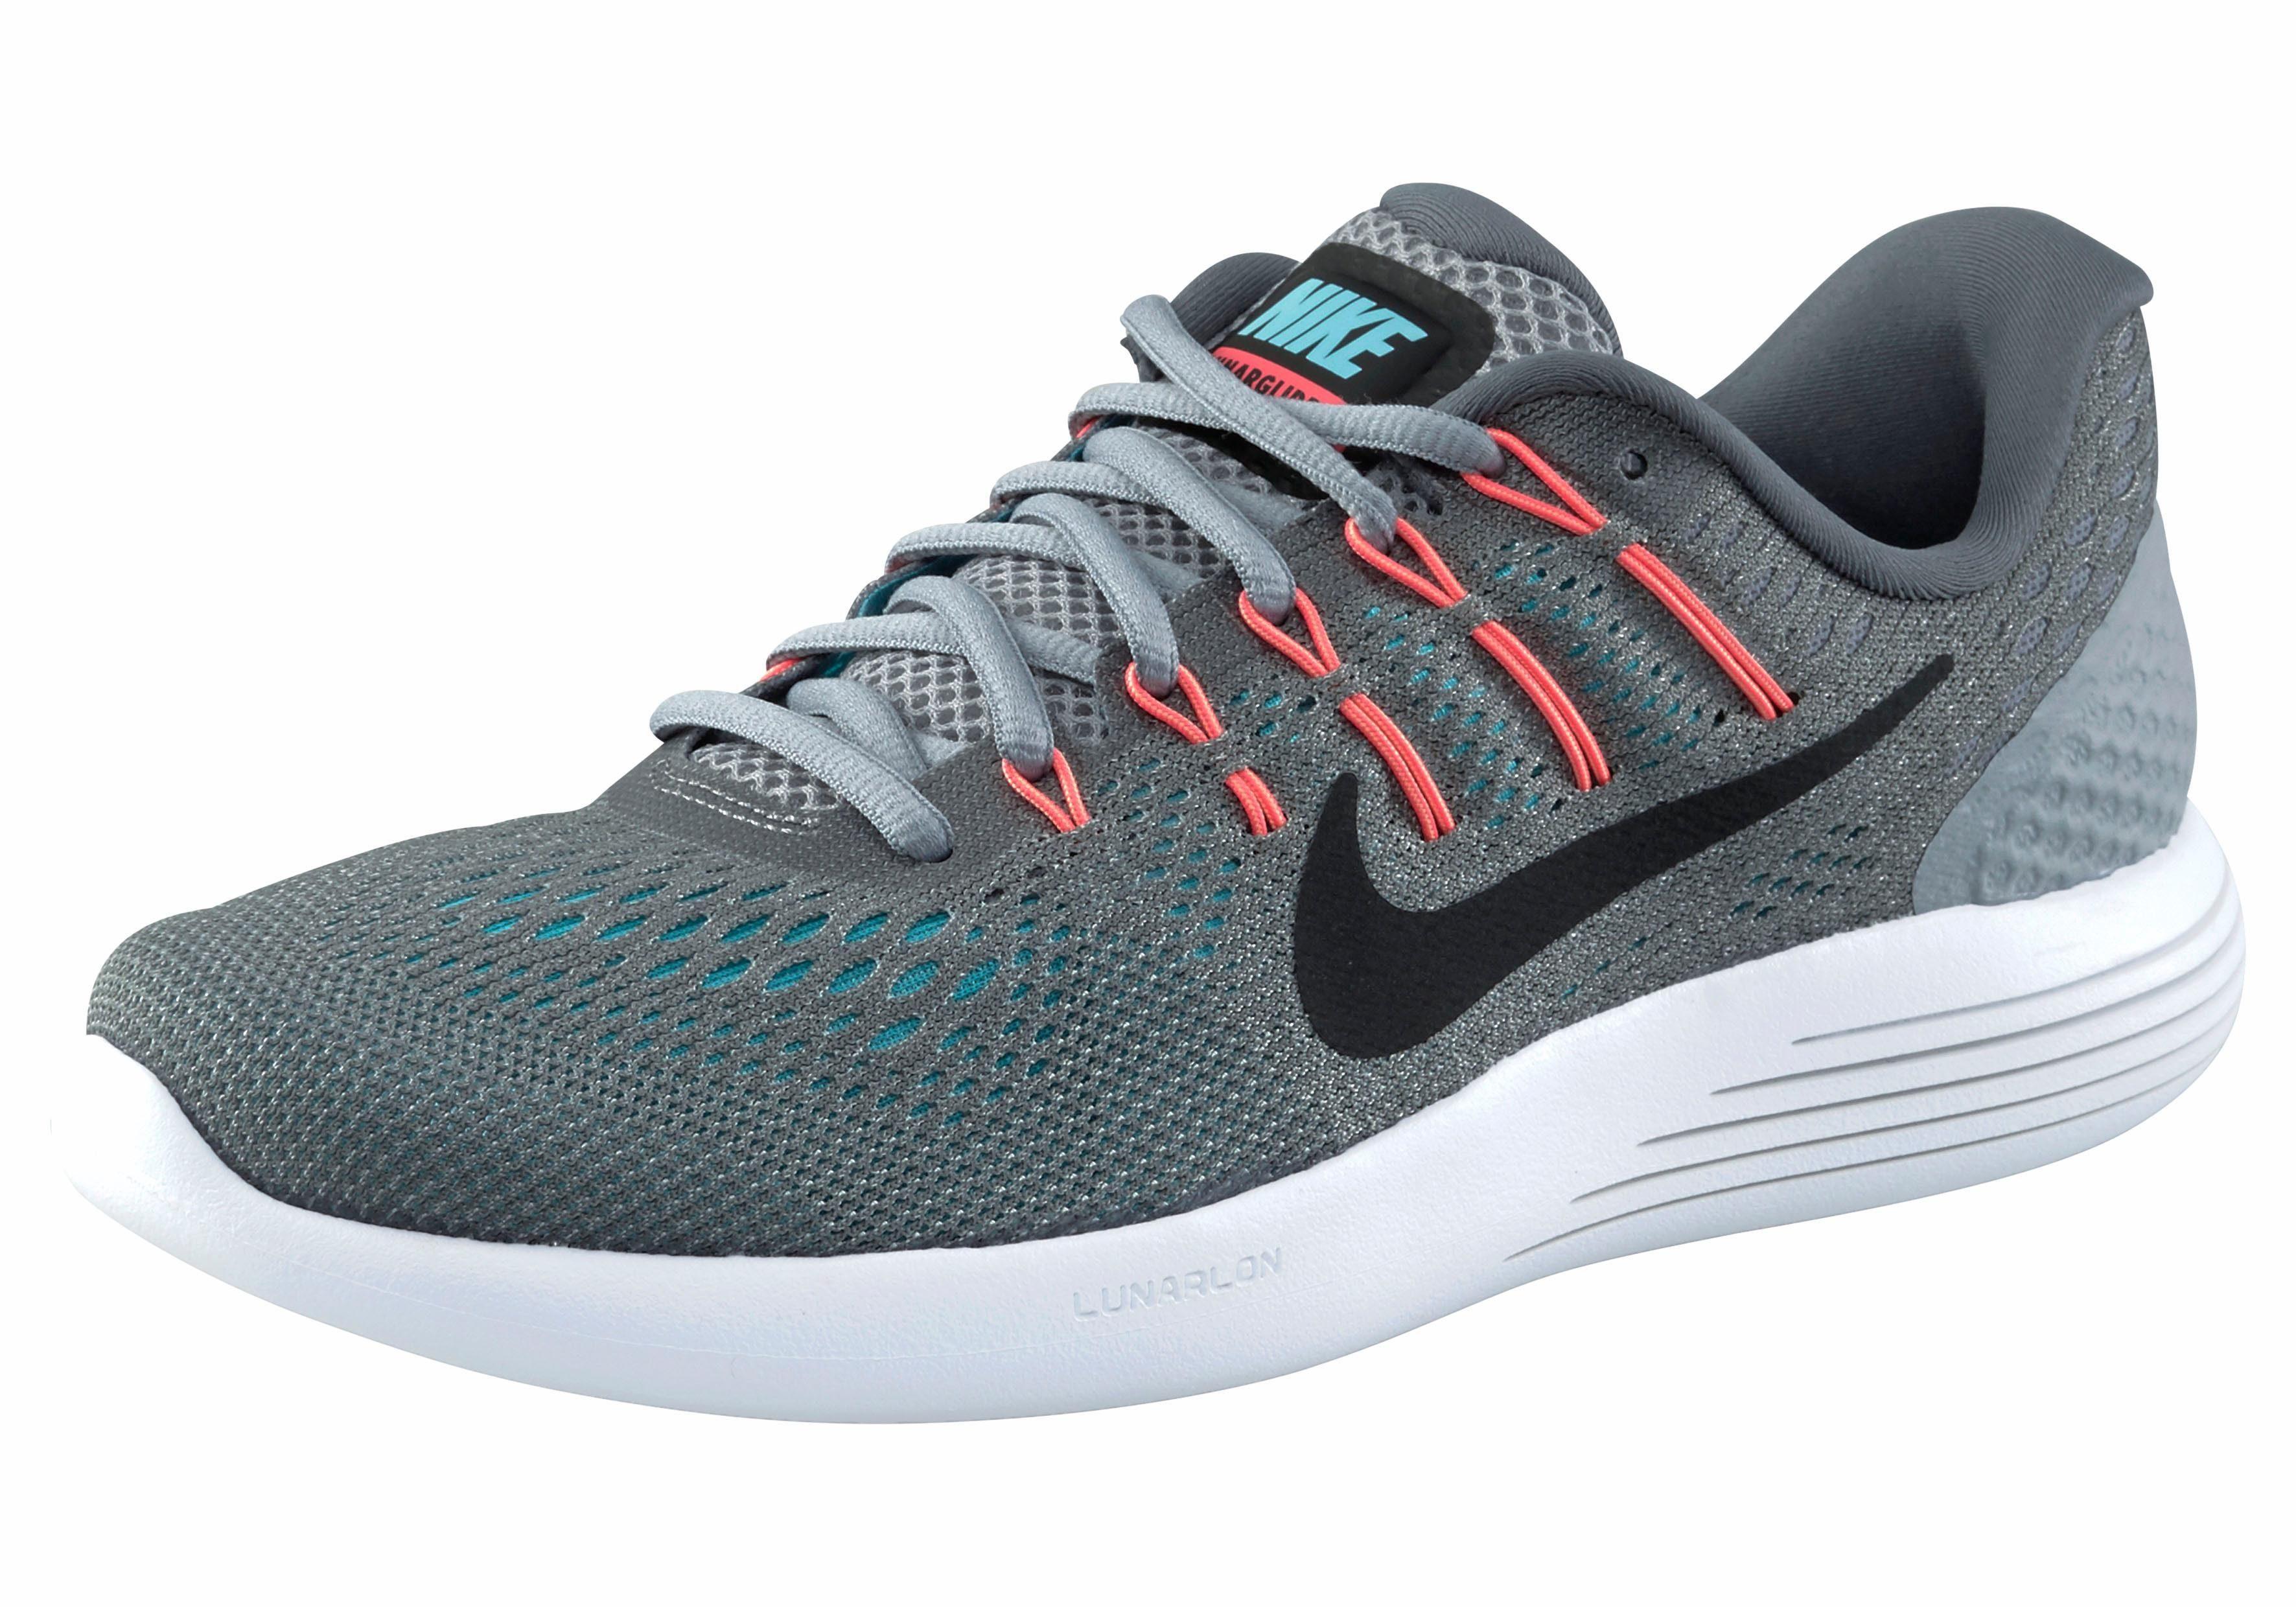 Nike Lunarglide 8 Wmns Laufschuh online kaufen  grau-türkis